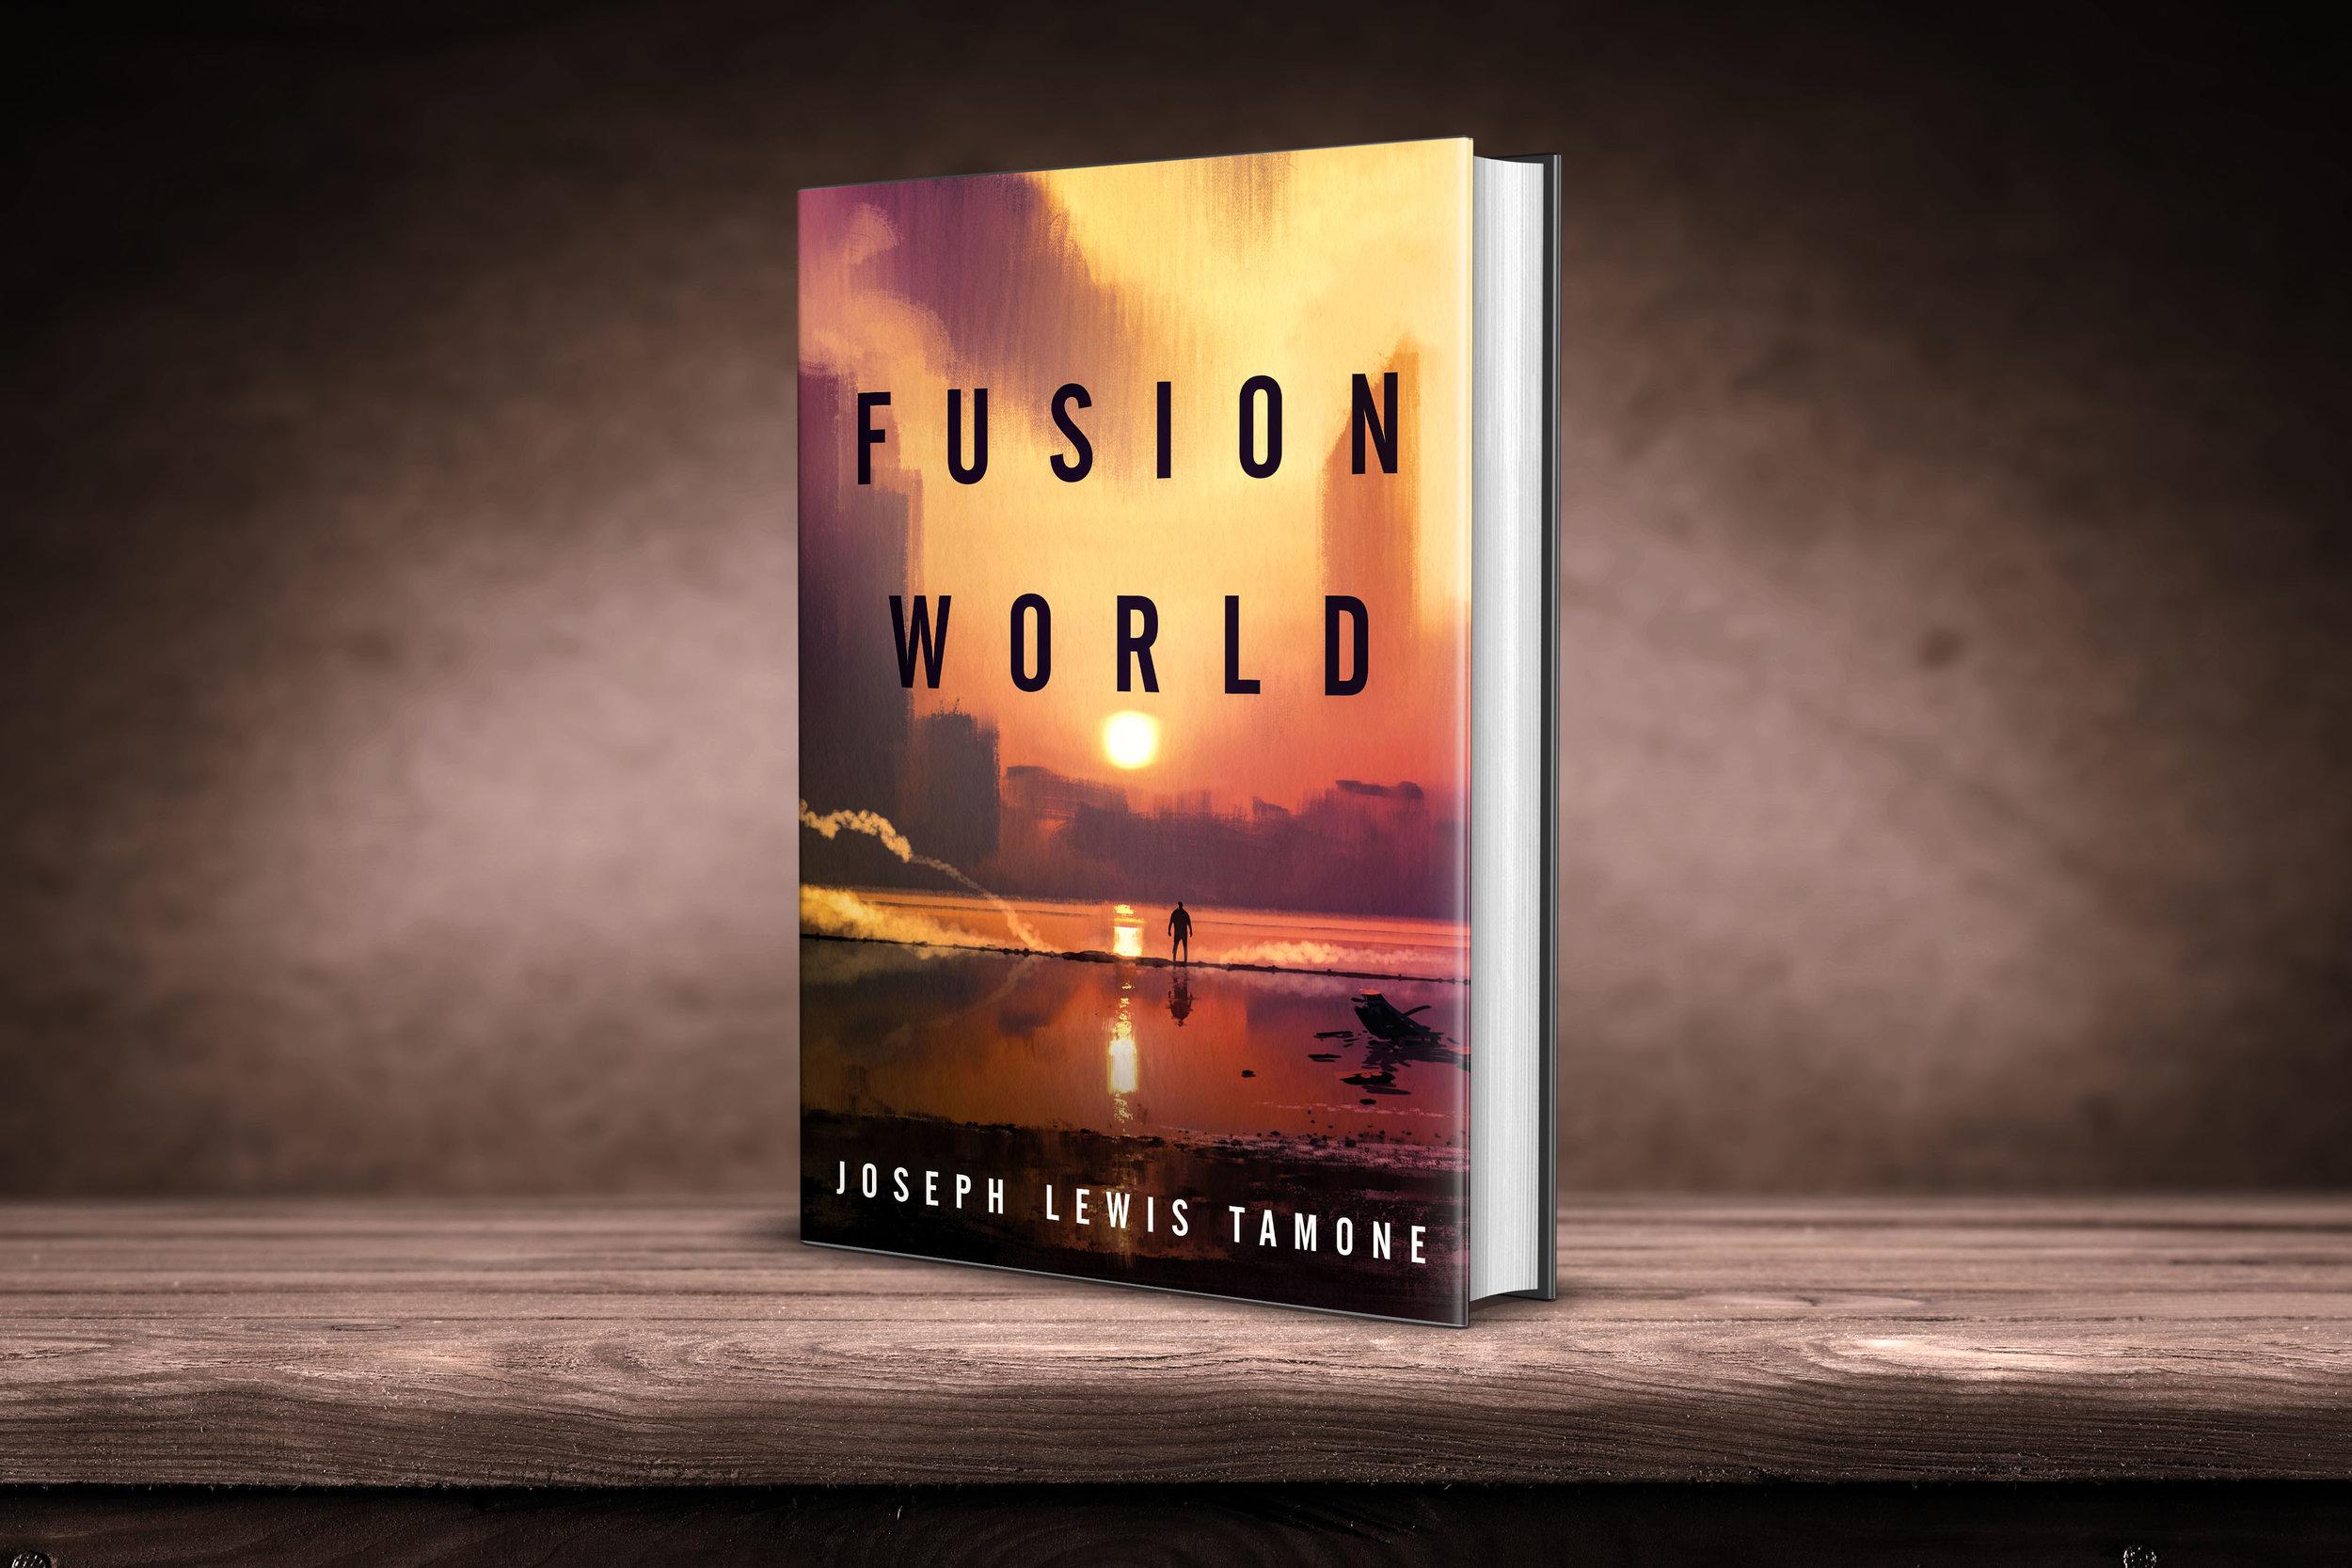 Fusion World